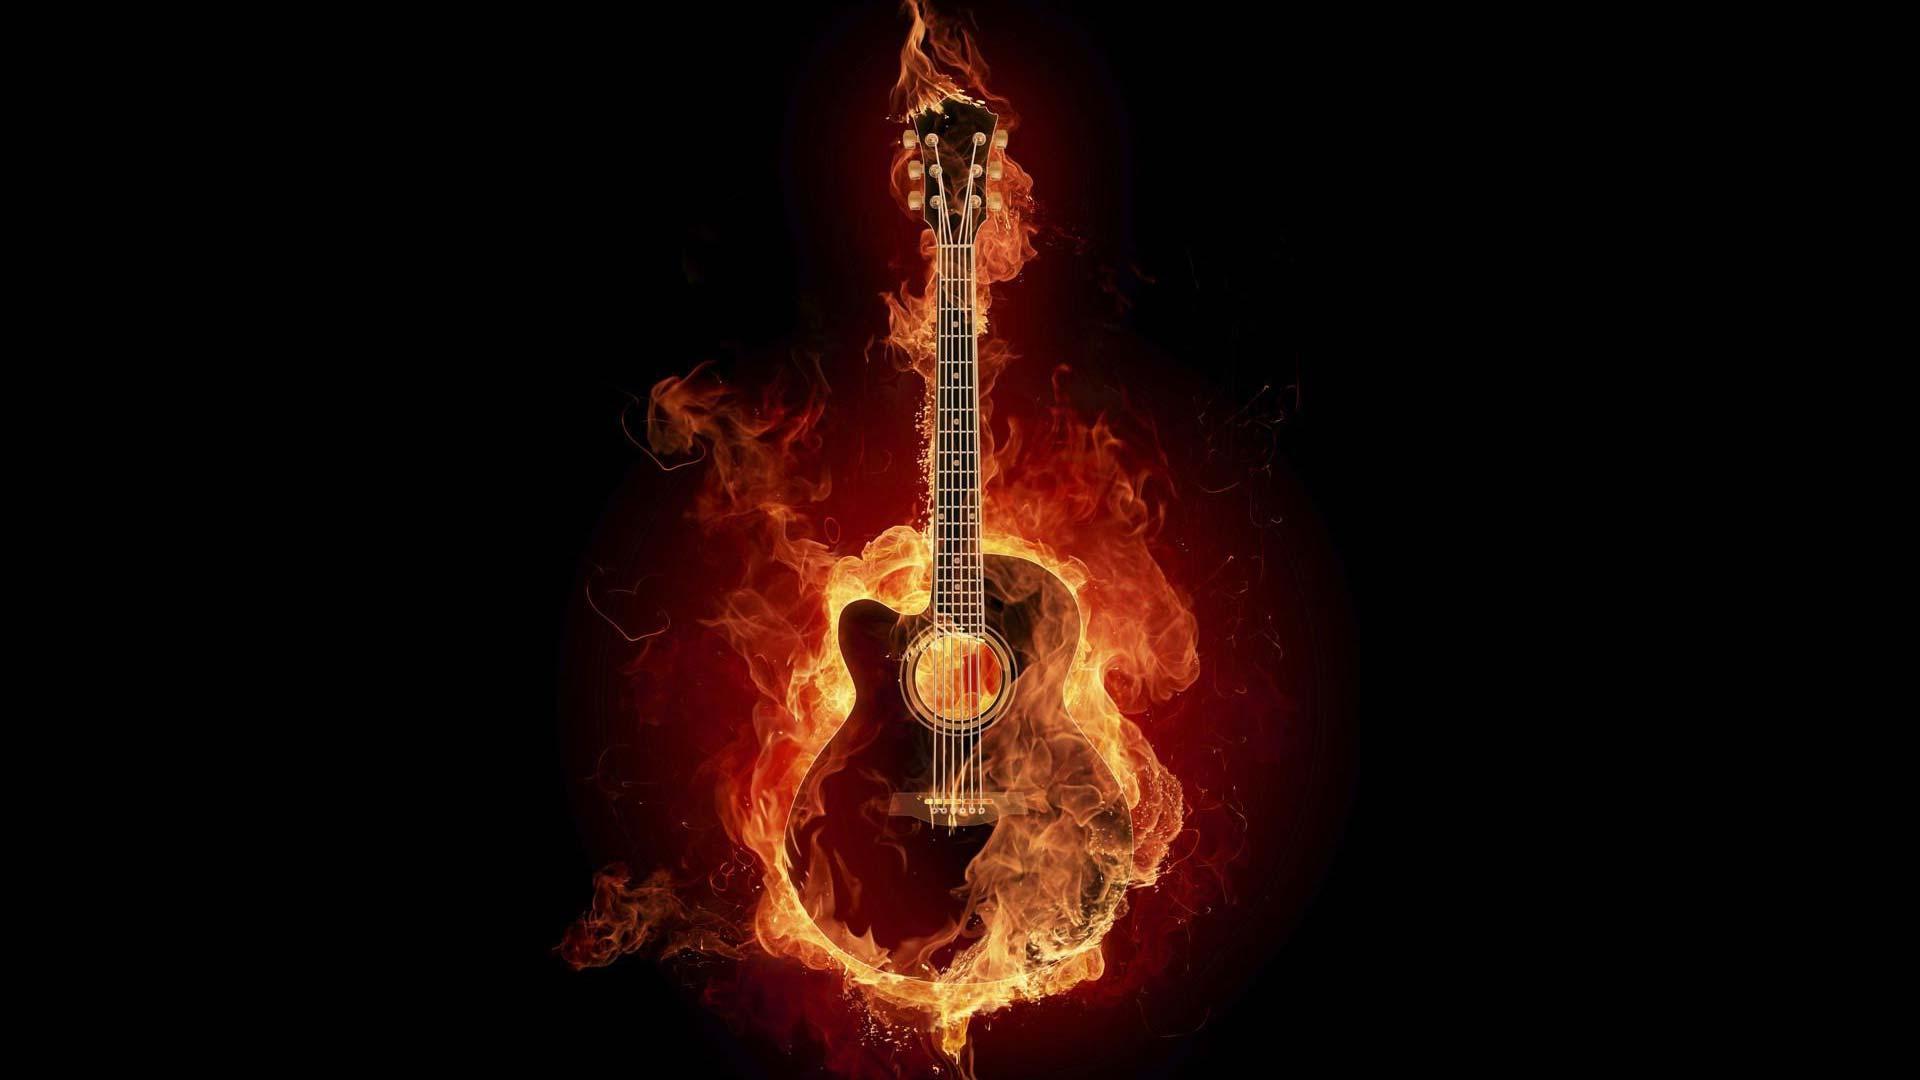 Абстракция огненная